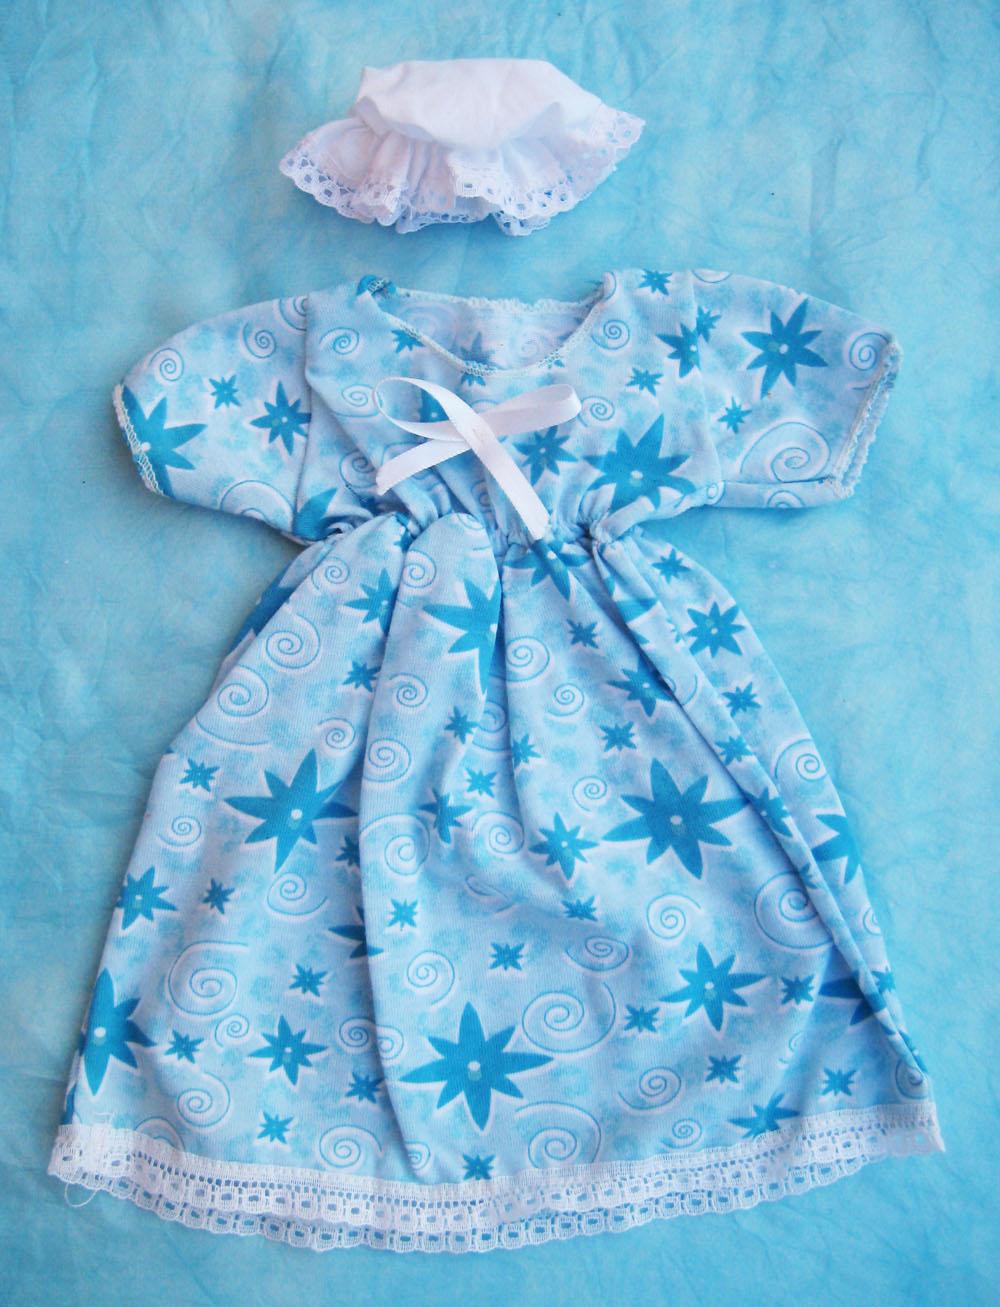 vestido-con-estampado-de-estrellas-azules-para-muneca-waldorf